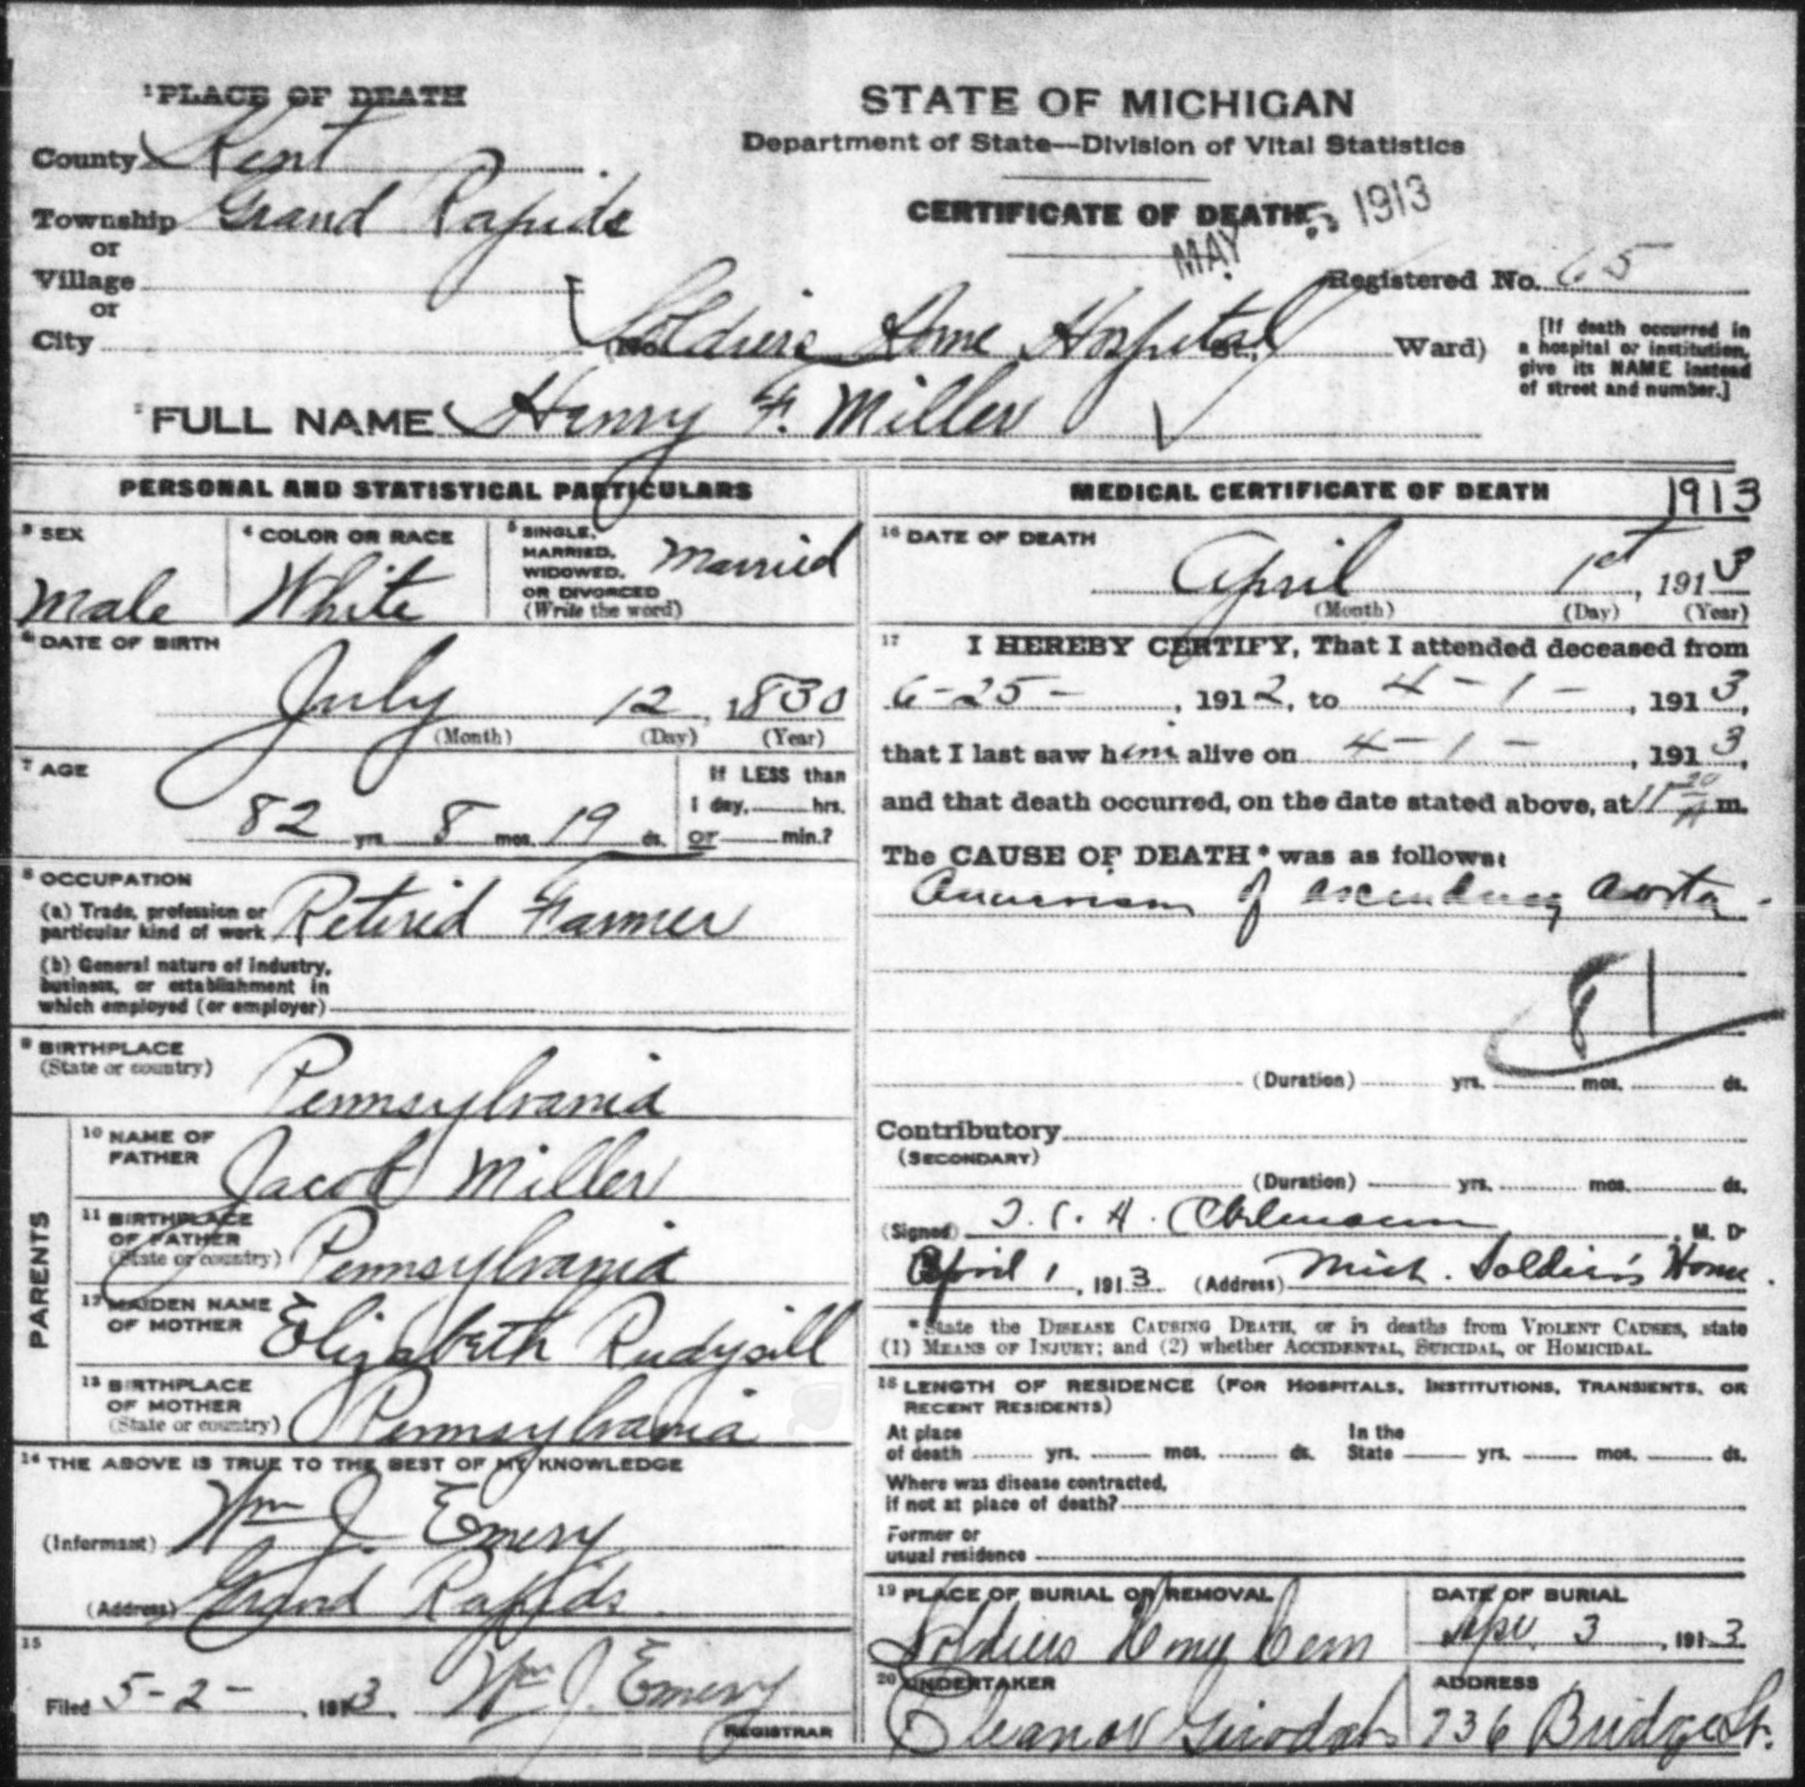 Pvt Henry Franklin Miller